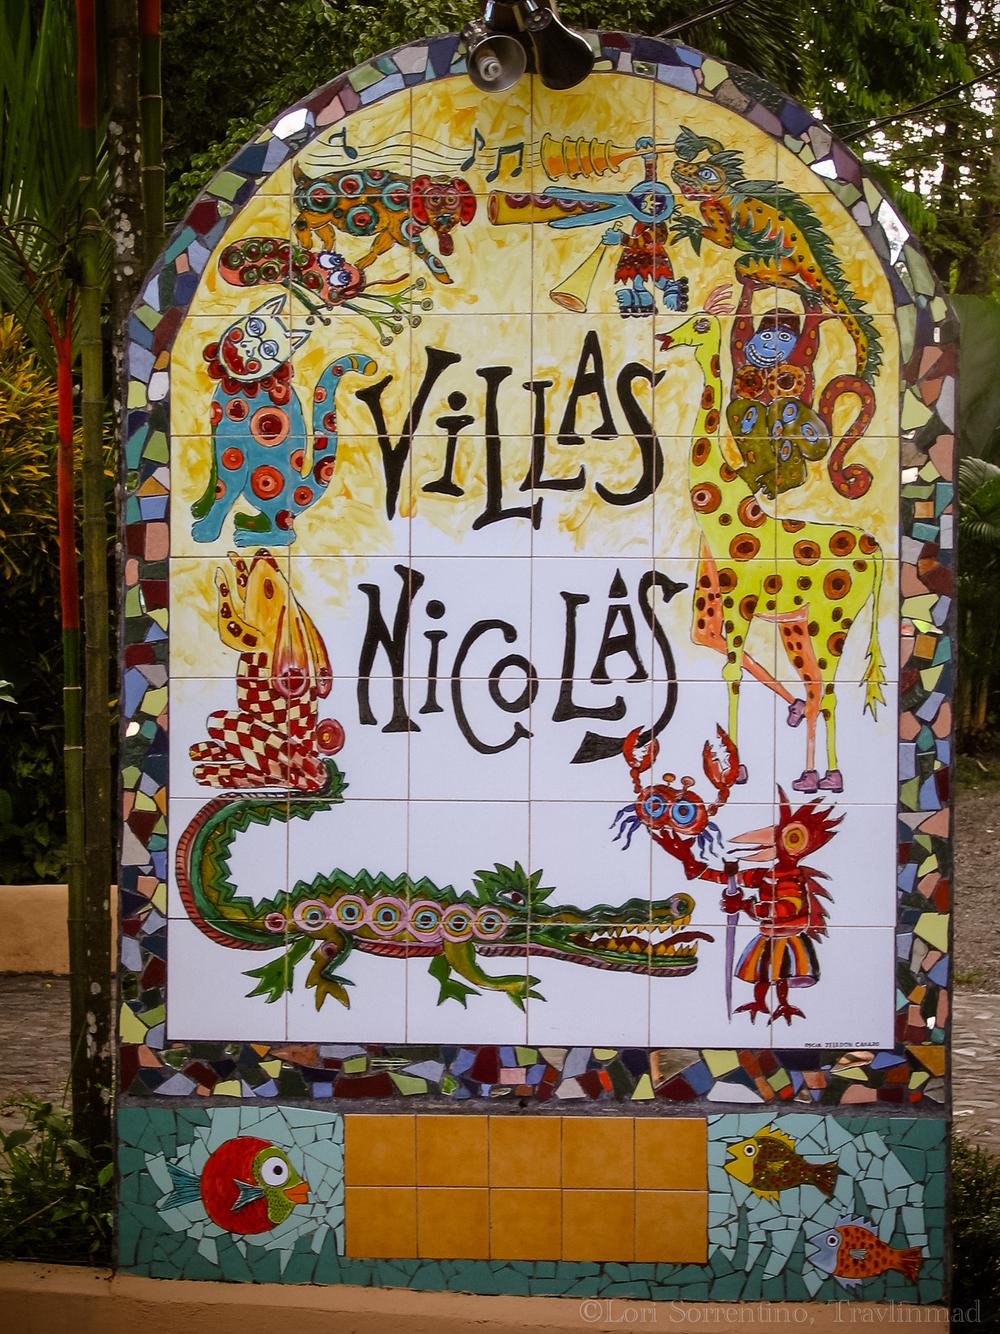 Villas Nicolas Manuel Antonio Costa Rica